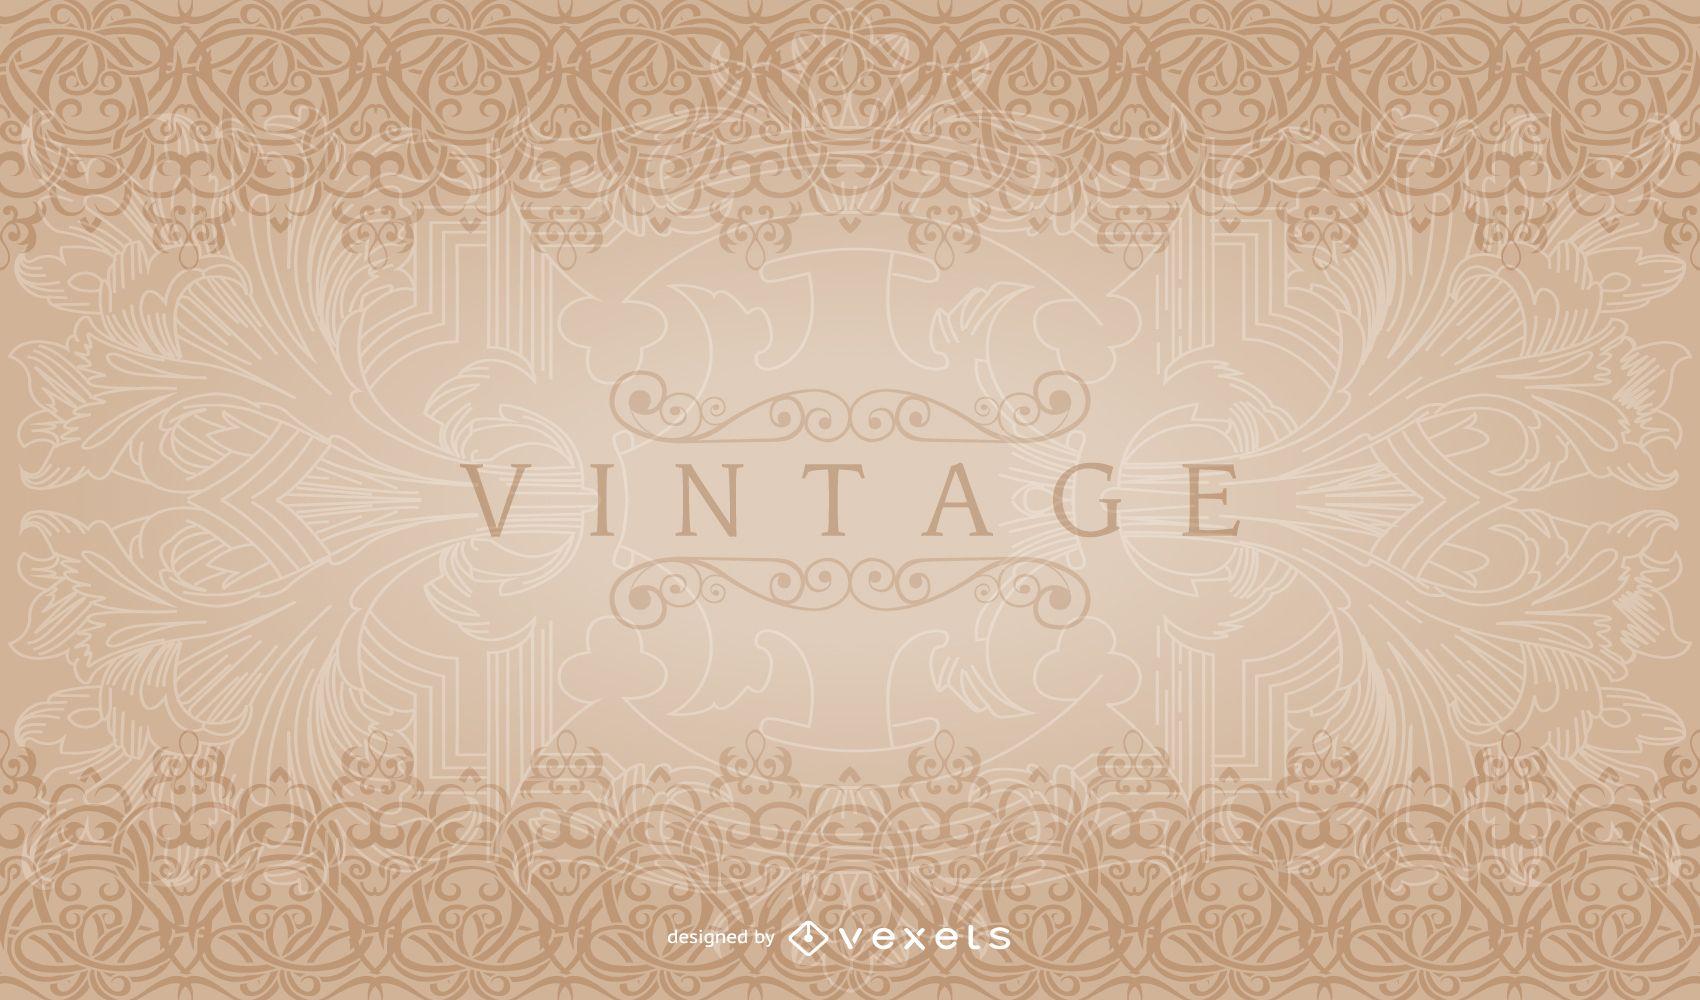 Patrón de borde decorativo vintage